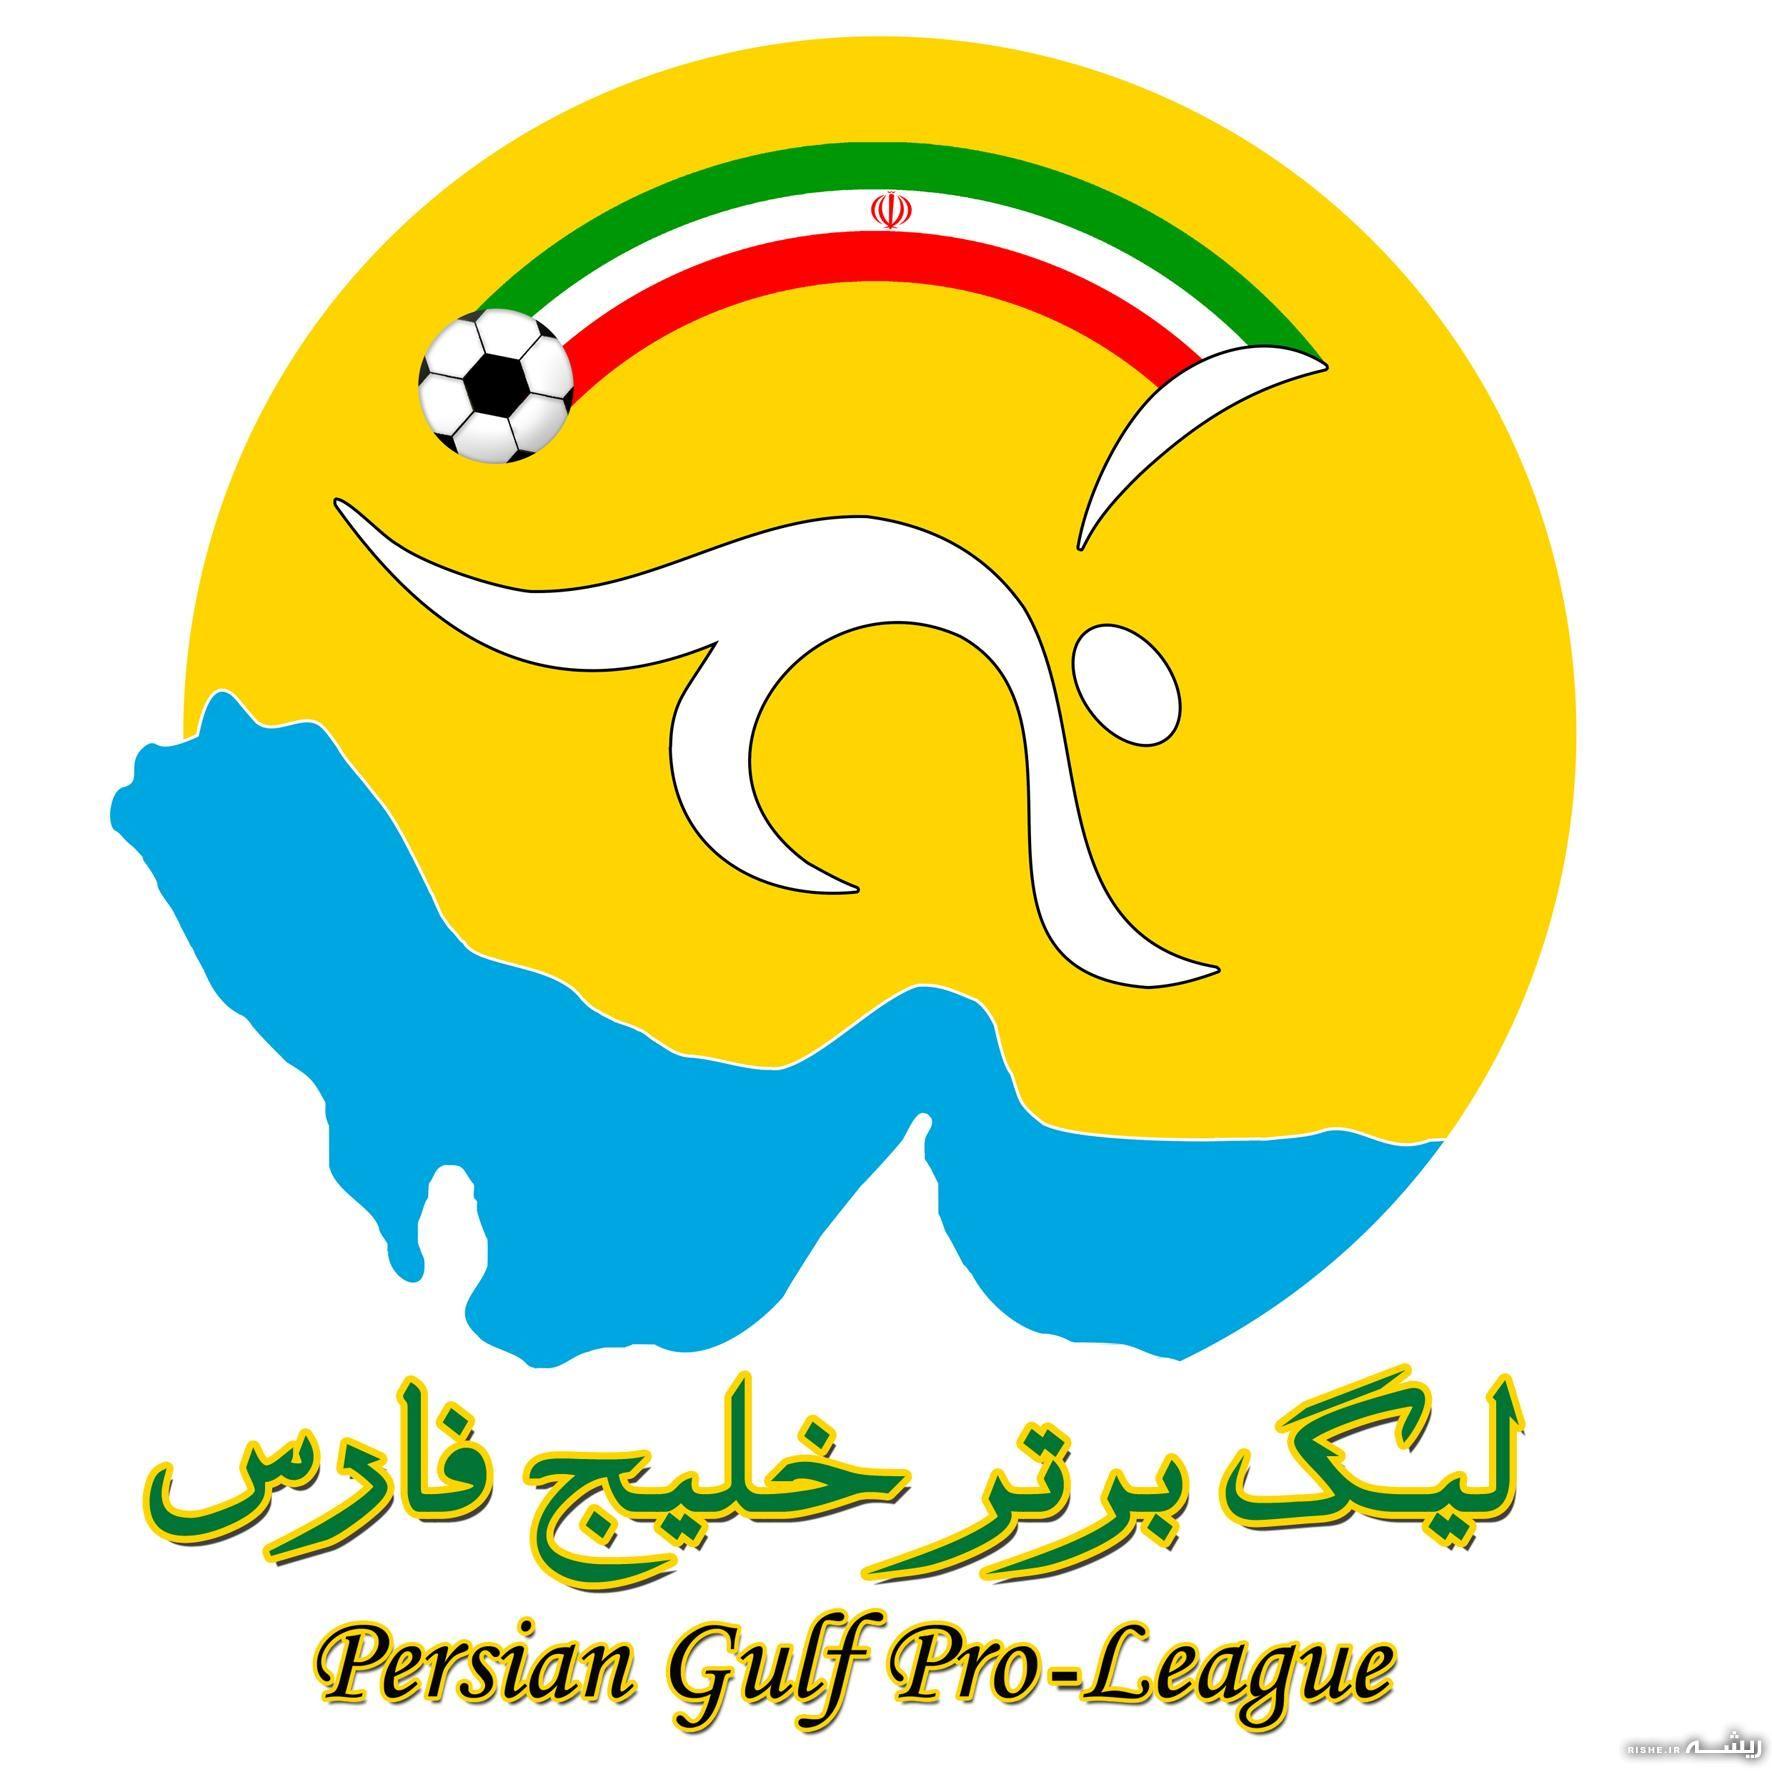 زمان آغاز رسمی لیگ برتر فوتبال ایران اعلام شد